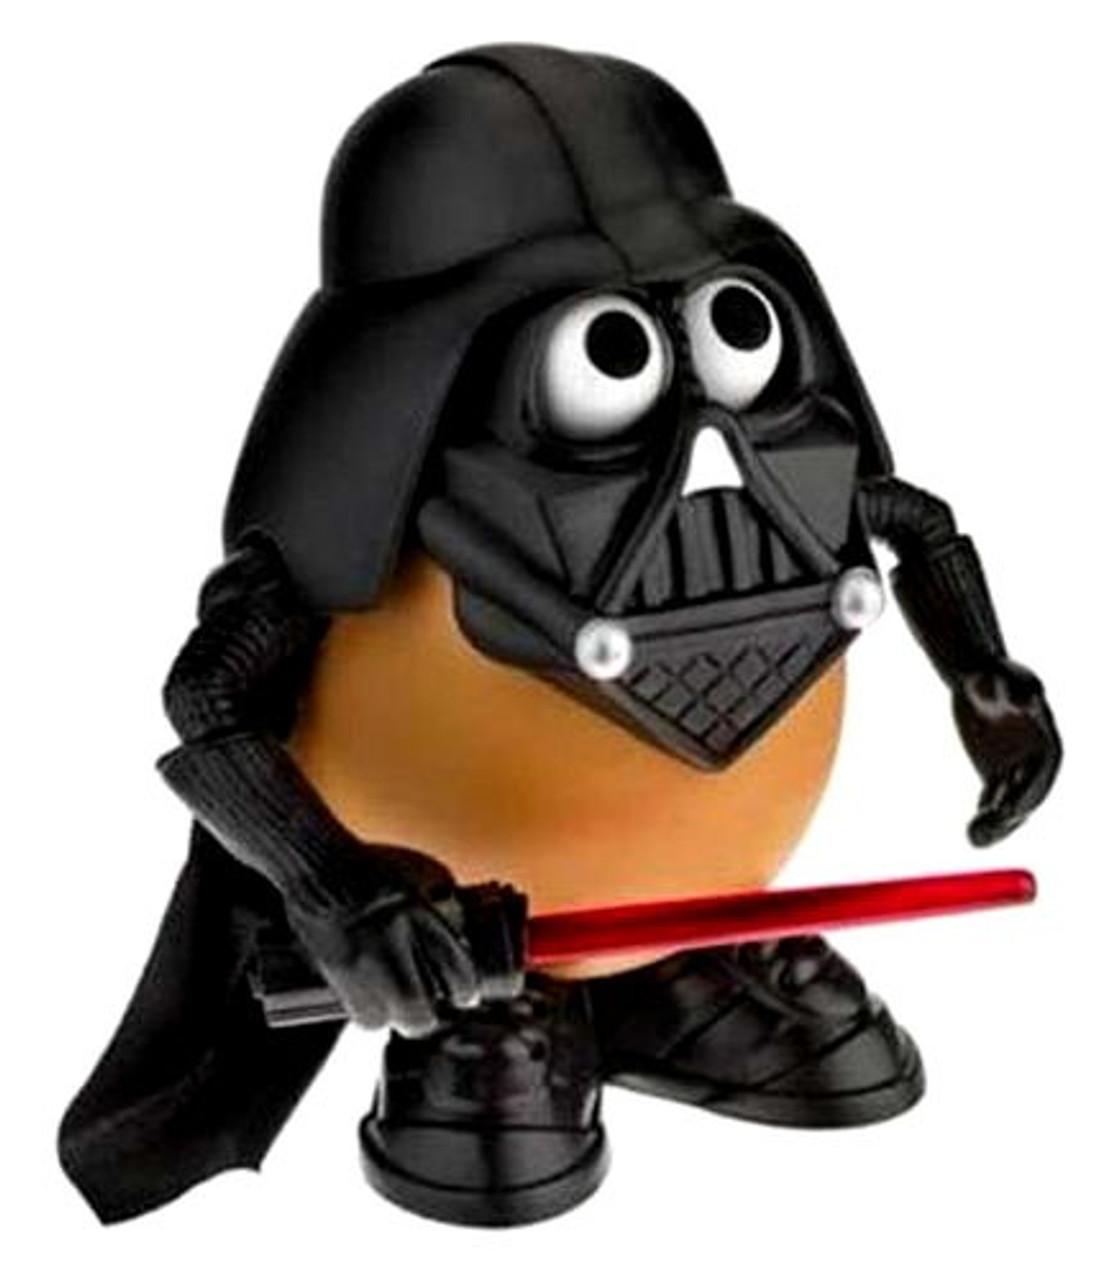 Star Wars Darth Tater Mr Potato Head